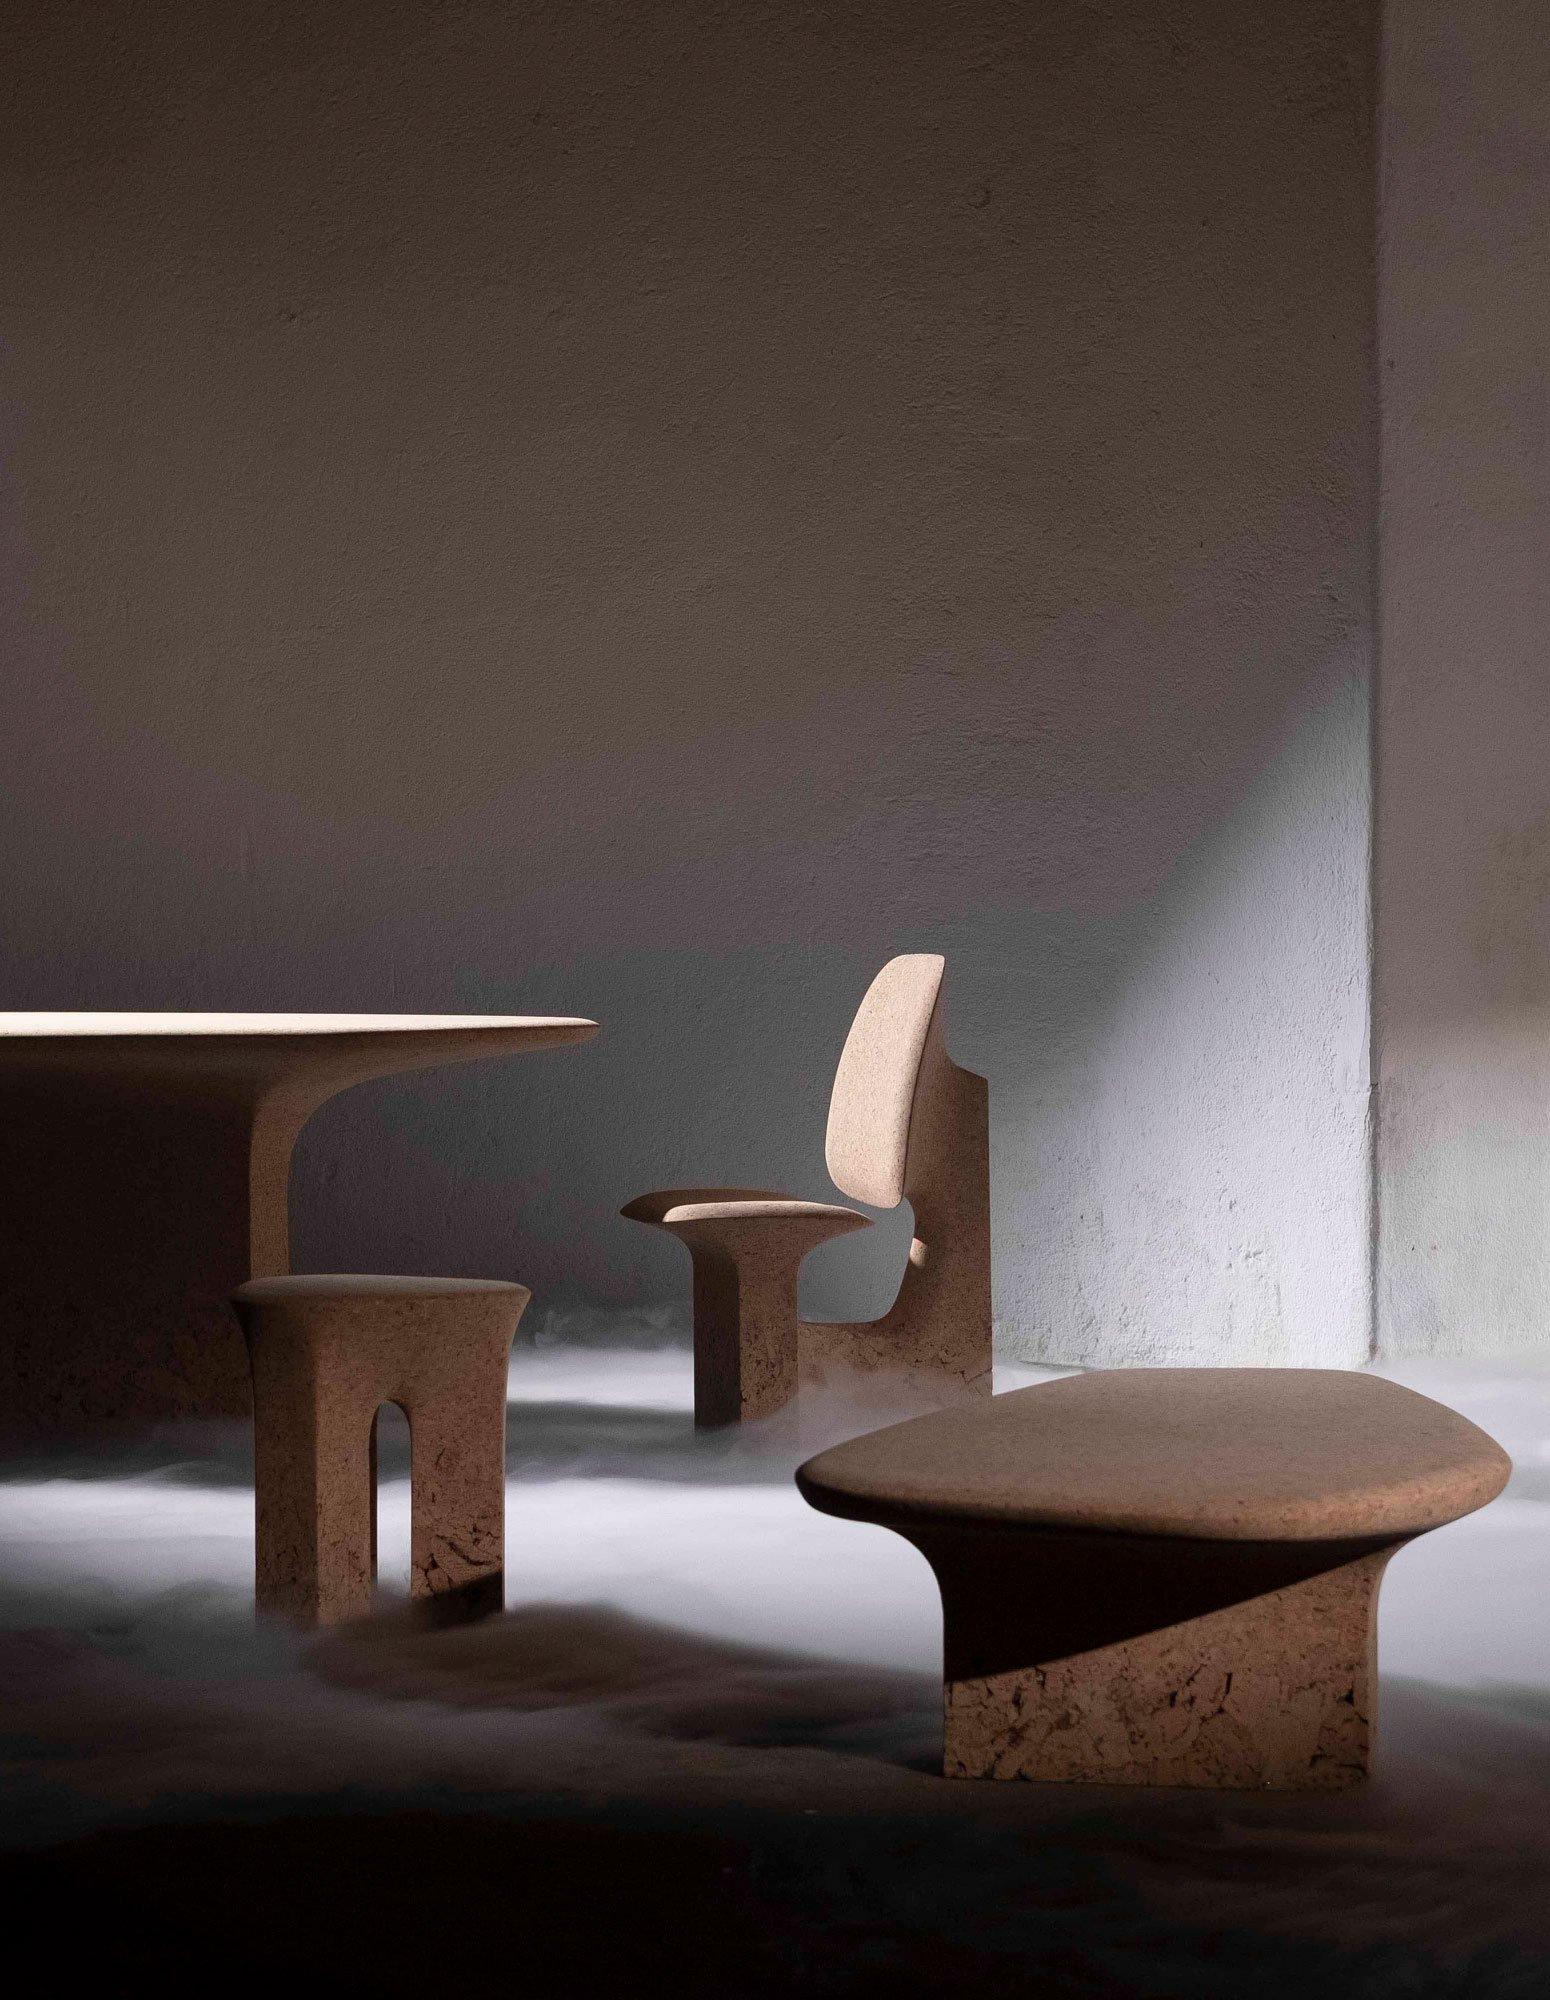 Außergewöhnliche Korkmöbel von Noé Duchaufour-Lawrance